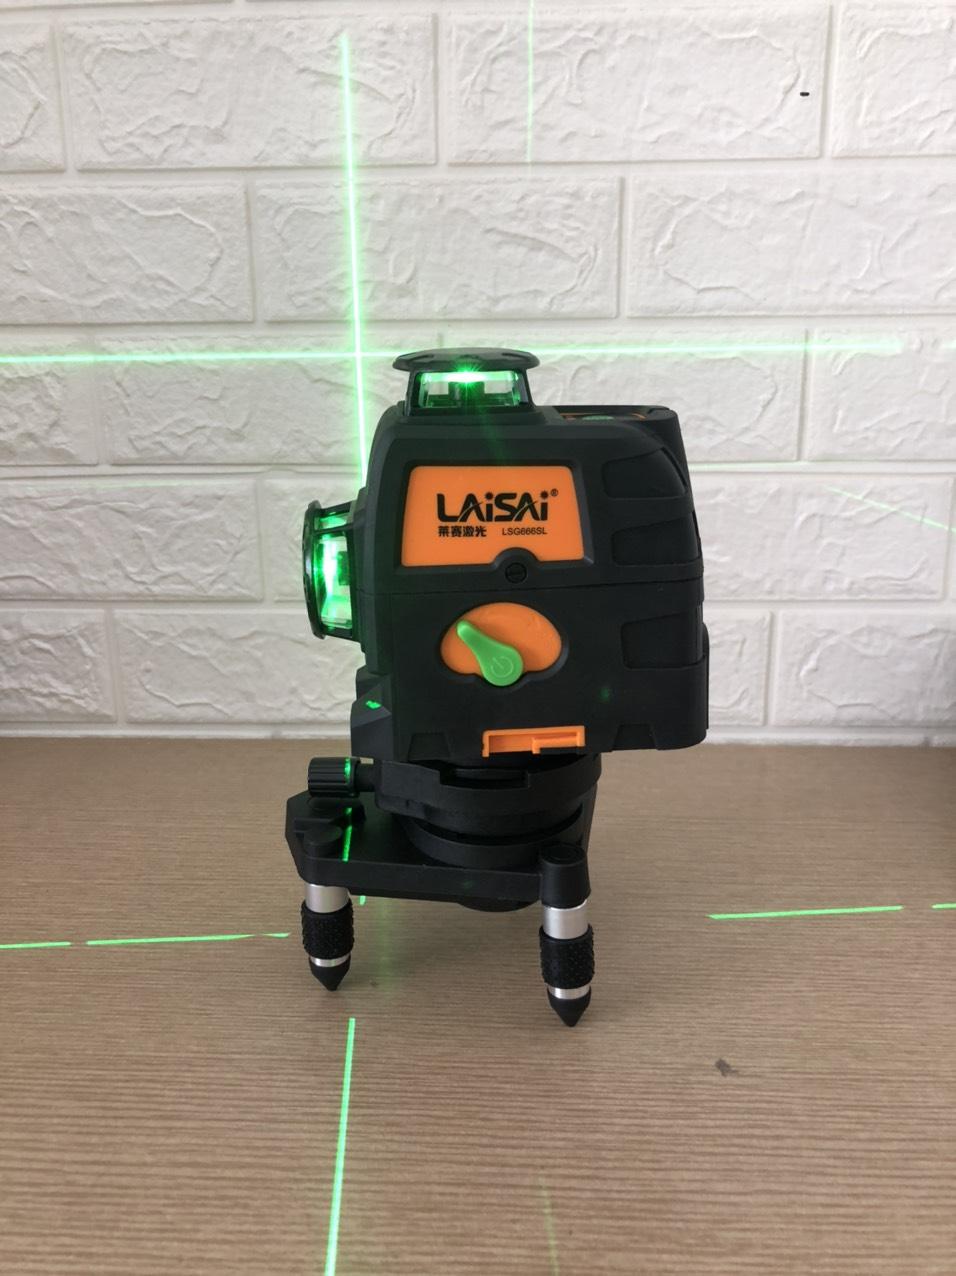 may-can-bang-laser-laisai